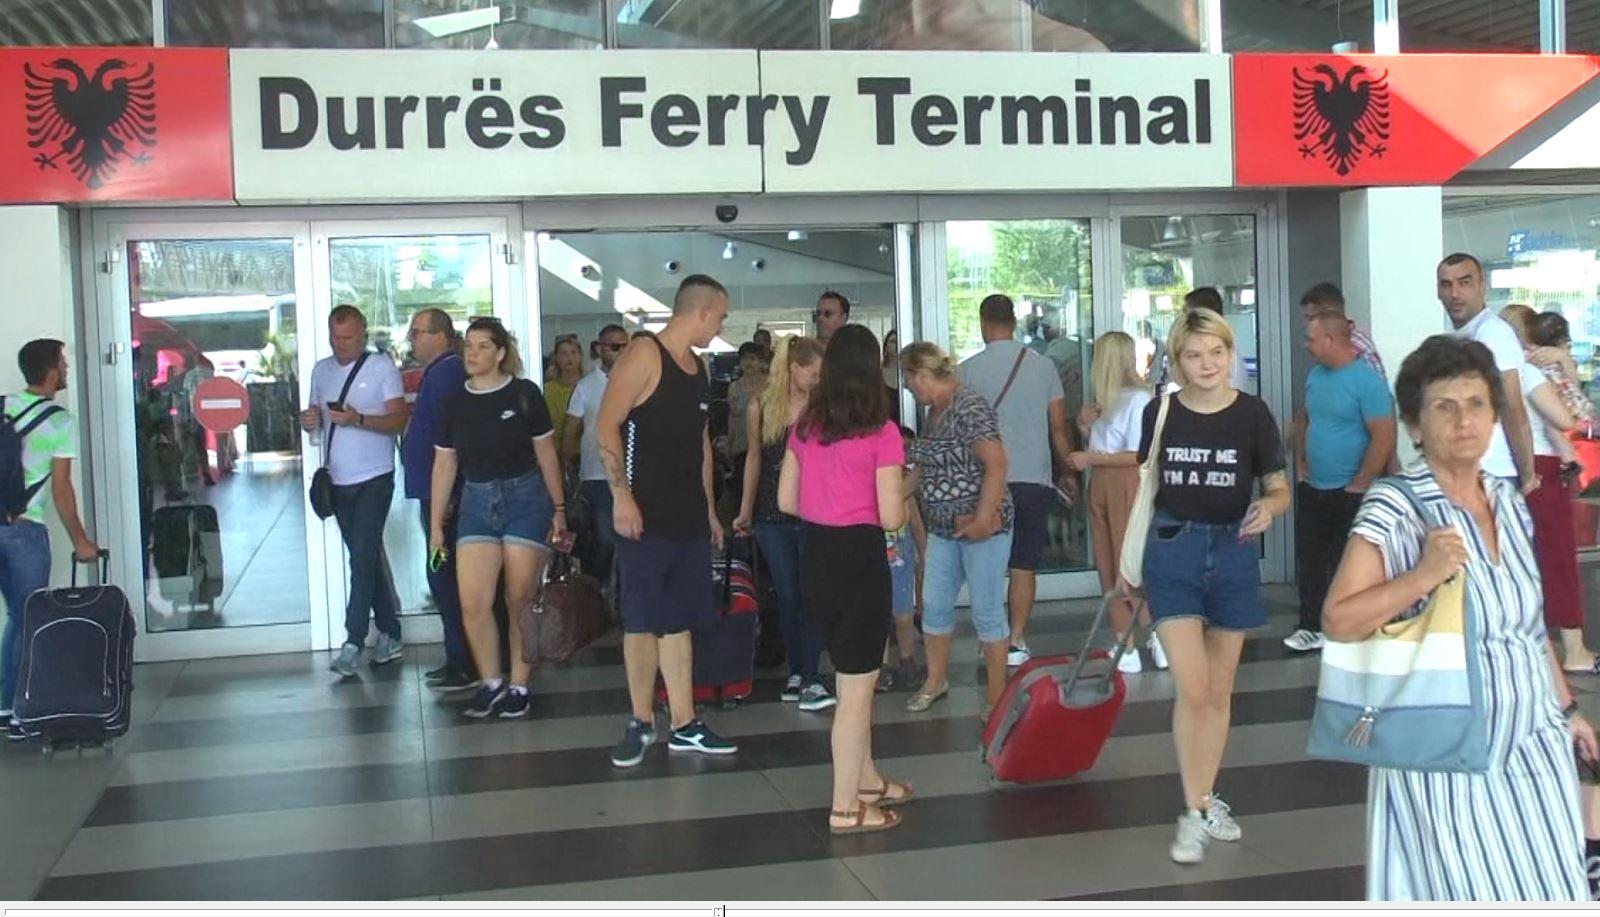 Rritet fluksi në portin e Durrës, pushues të shumtë vazhdojnë të vijnë